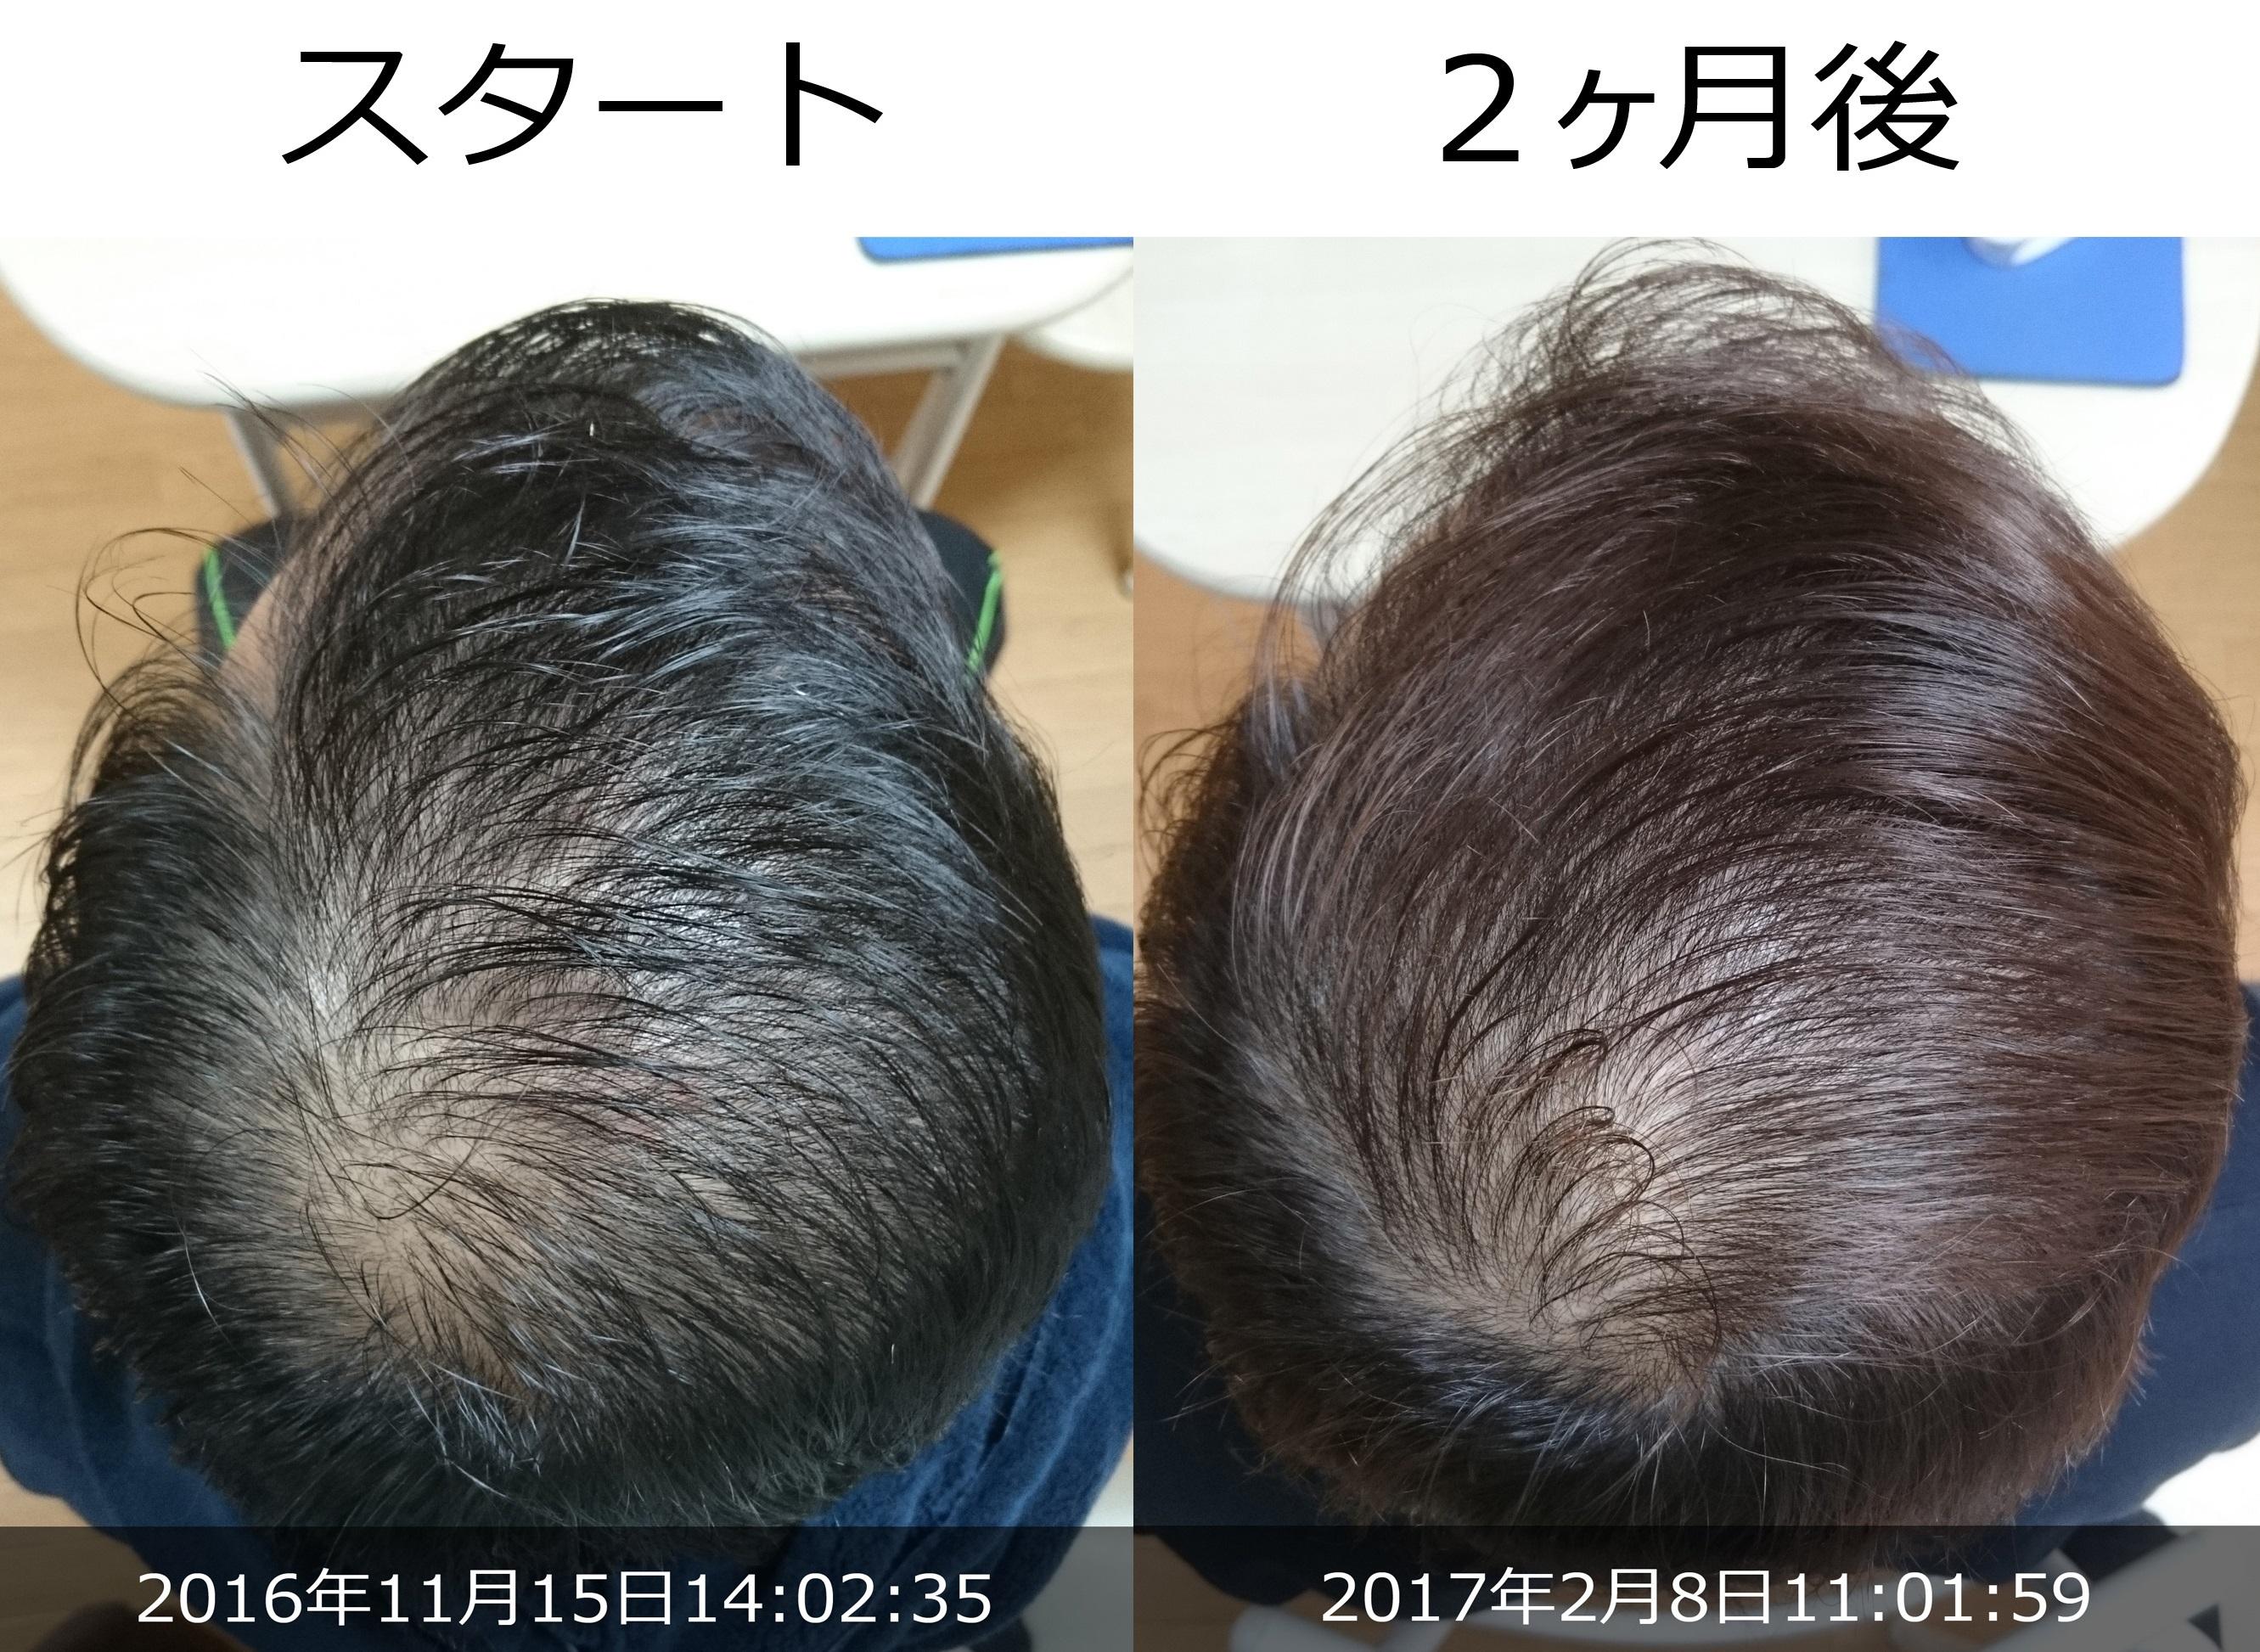 40代男性AGA治療発毛経過